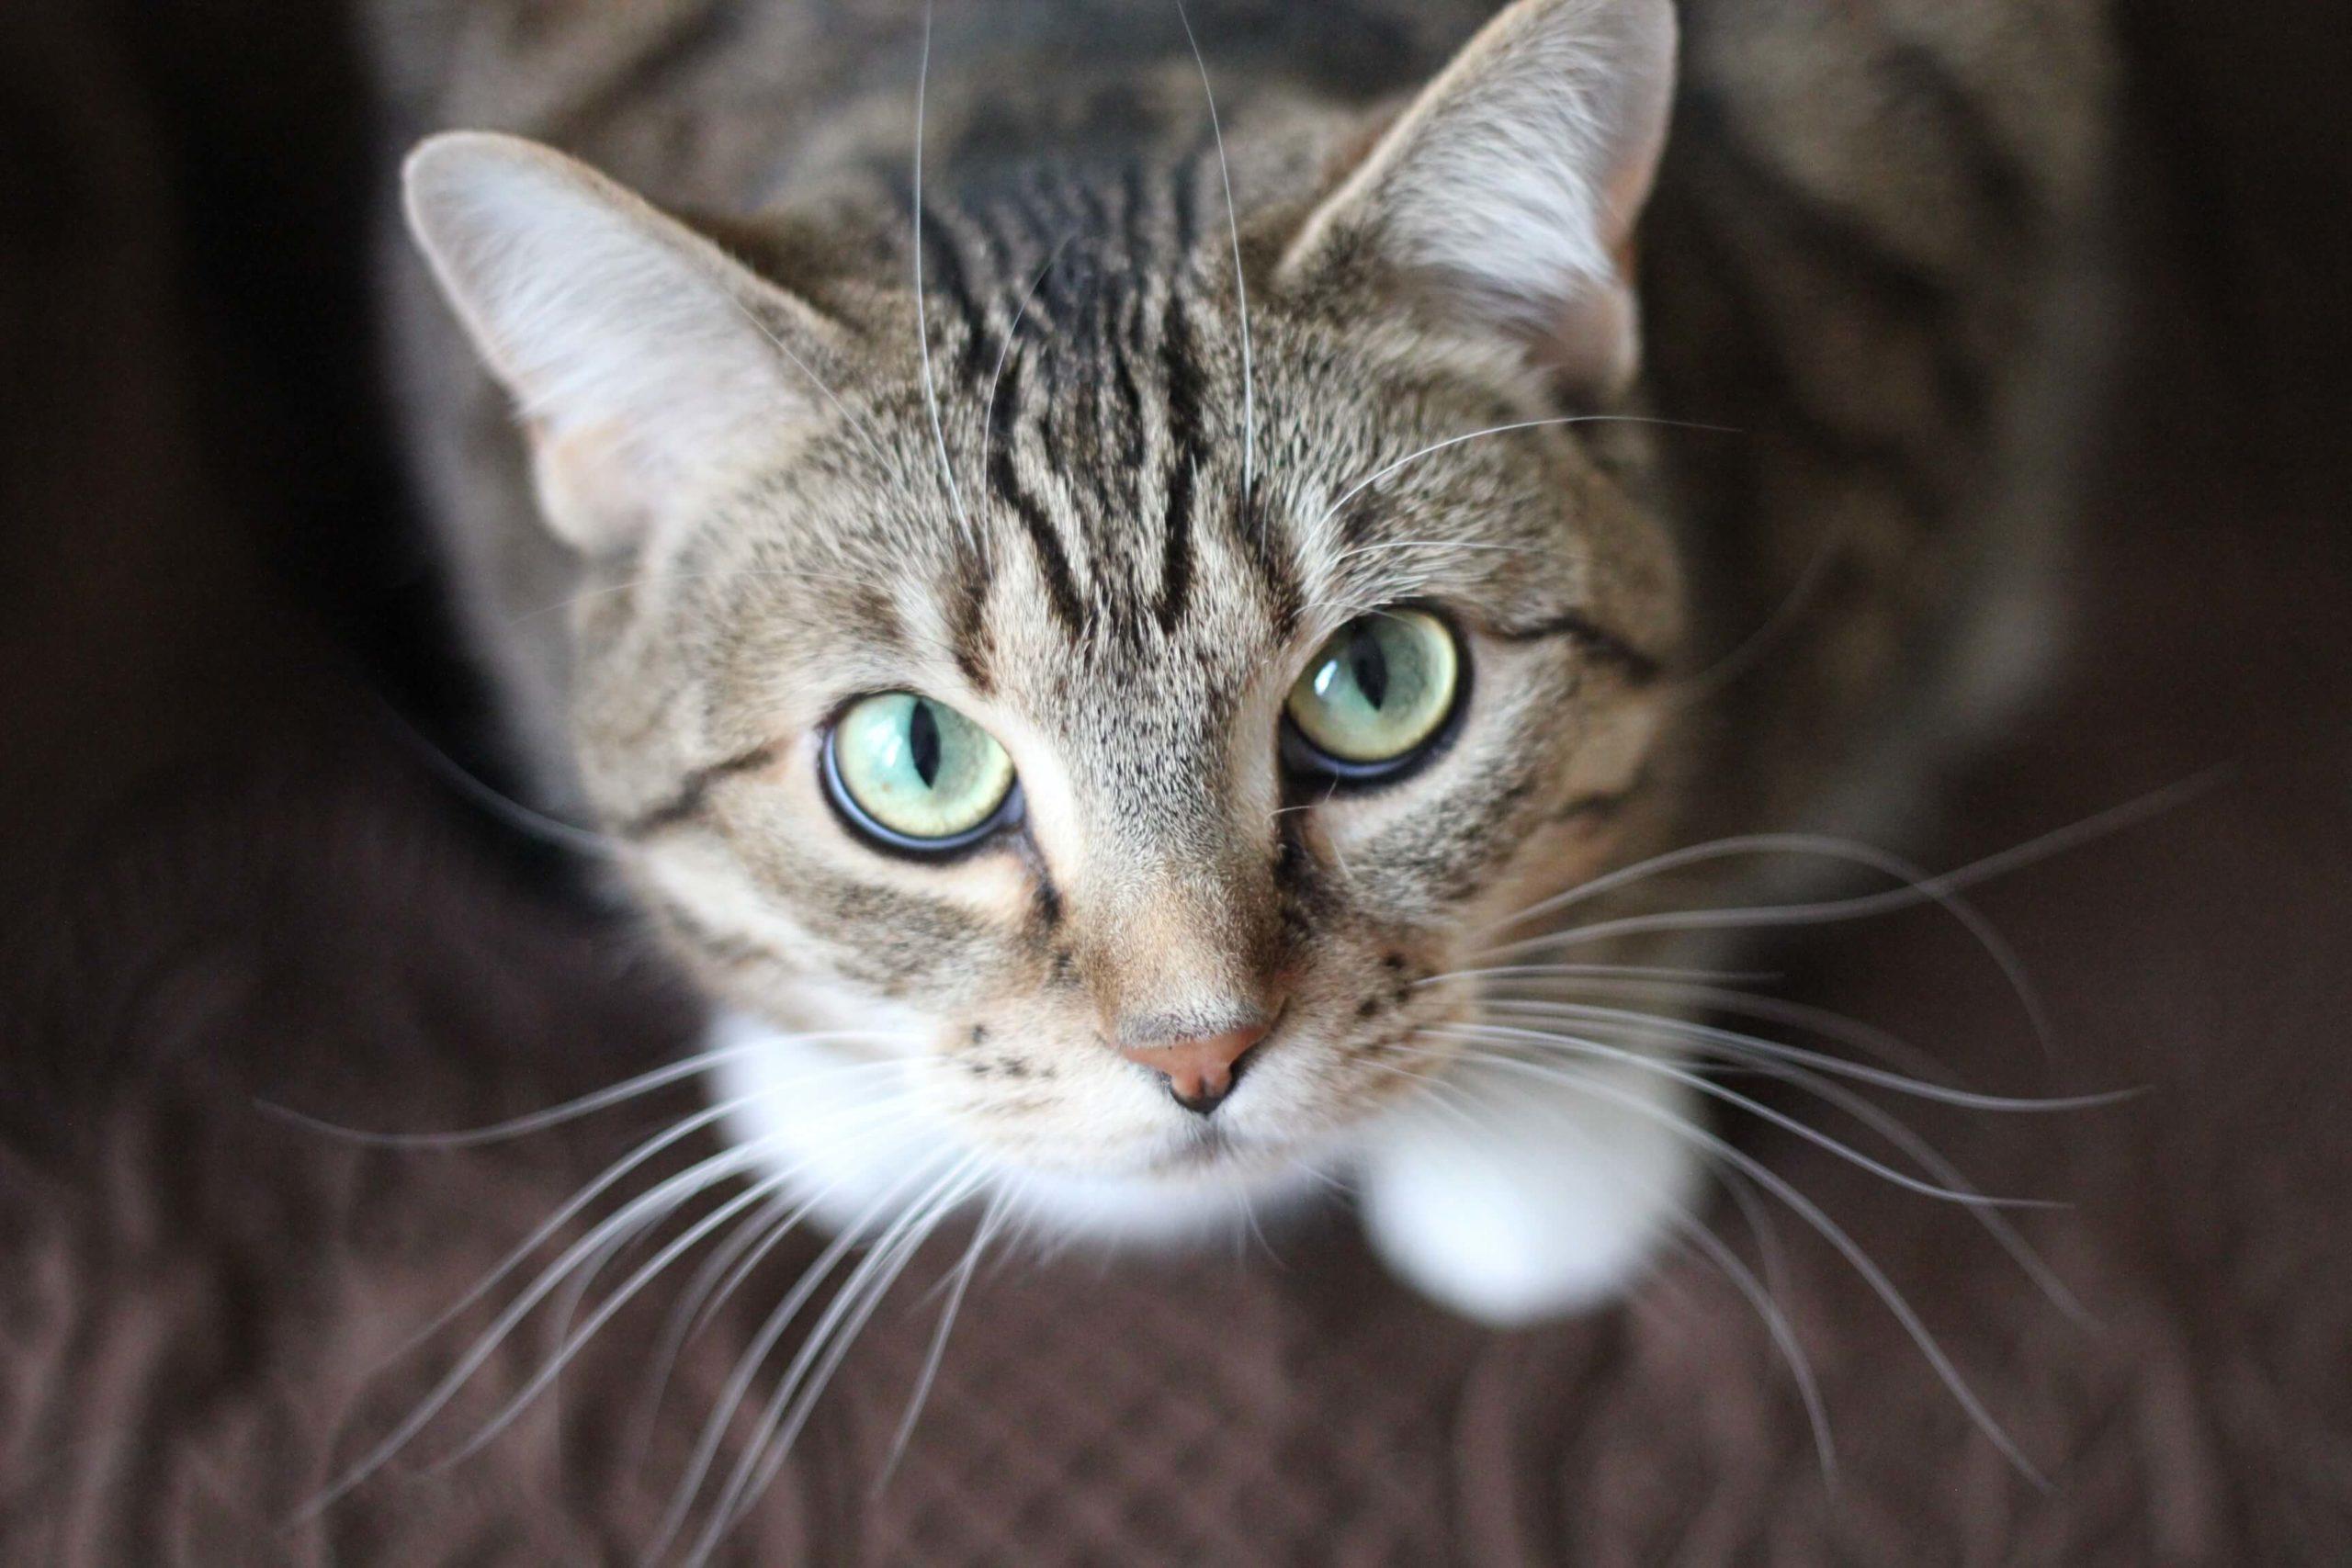 ประโยชน์ของการรับเลี้ยง แมวแก่ สูงวัย 🐱🐈👵🏻👴🏻